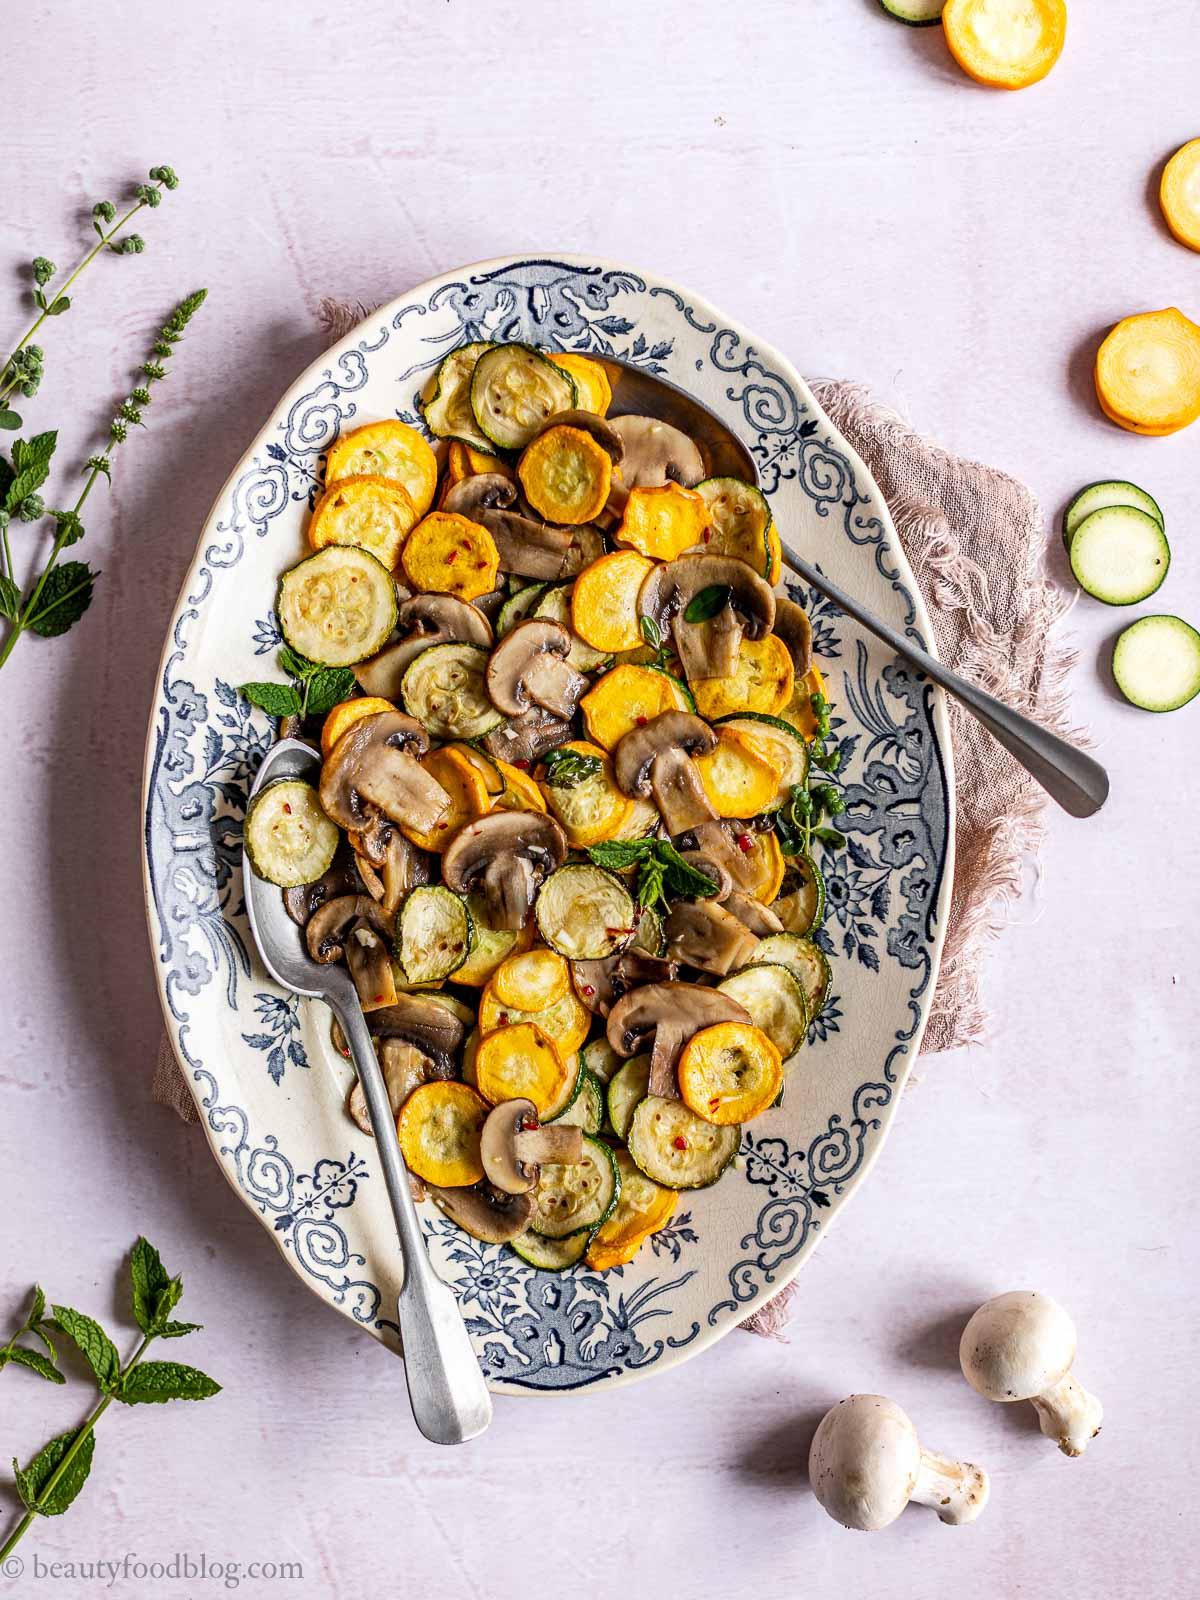 piatto con ZUCCHINE alla SCAPECE NON FRITTE con FUNGHI plate with italian marinated zucchini with mushrooms